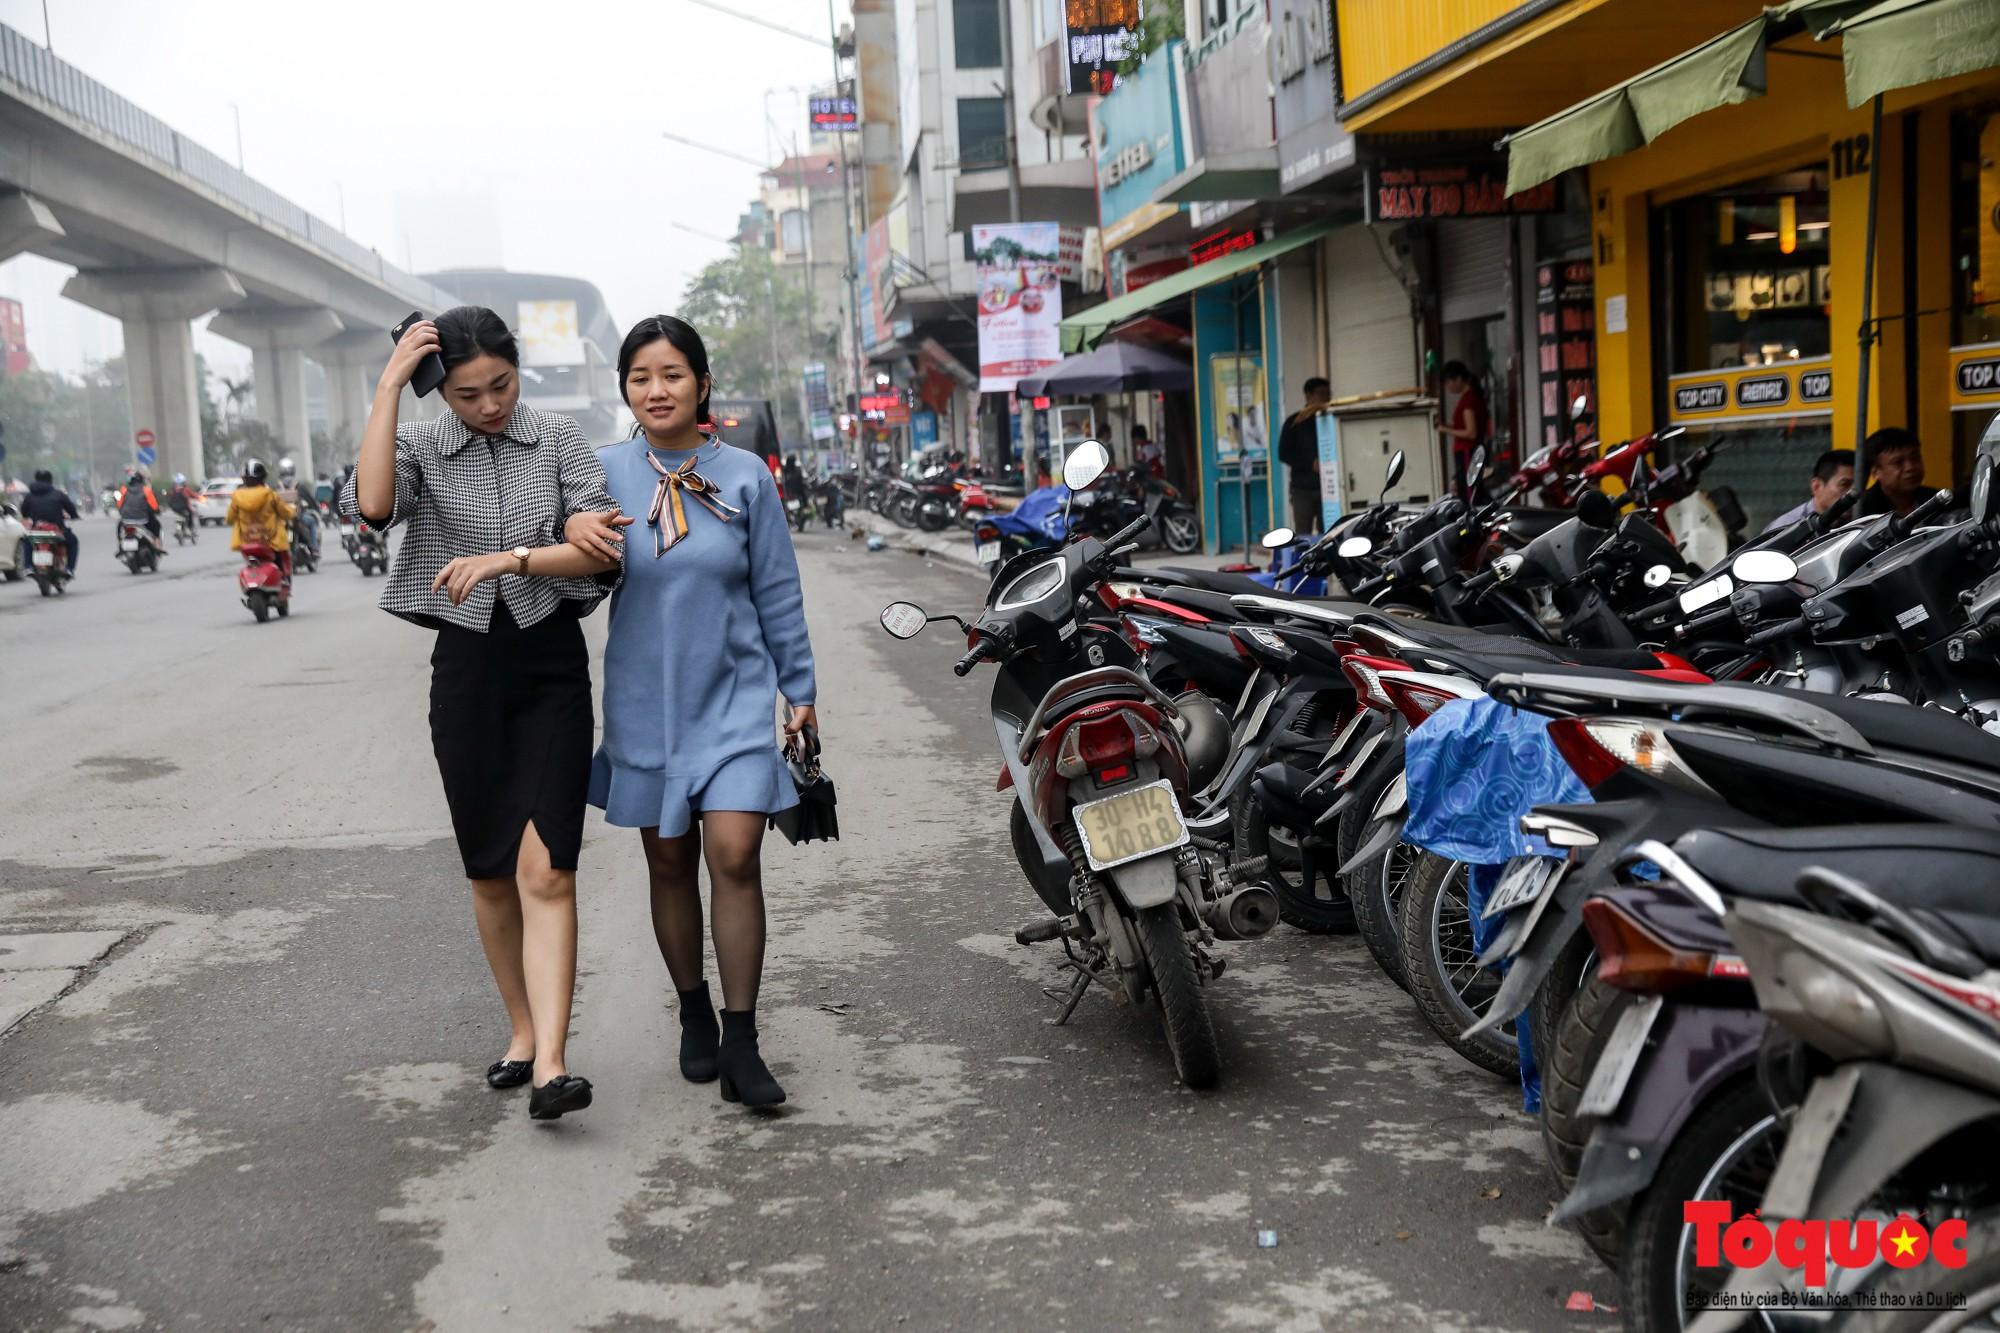 Nhìn những hình ảnh này mới thấy đề xuất cấm xe máy 6 tuyến phố Hà Nội là vô cảm với người dân nghèo - Ảnh 13.